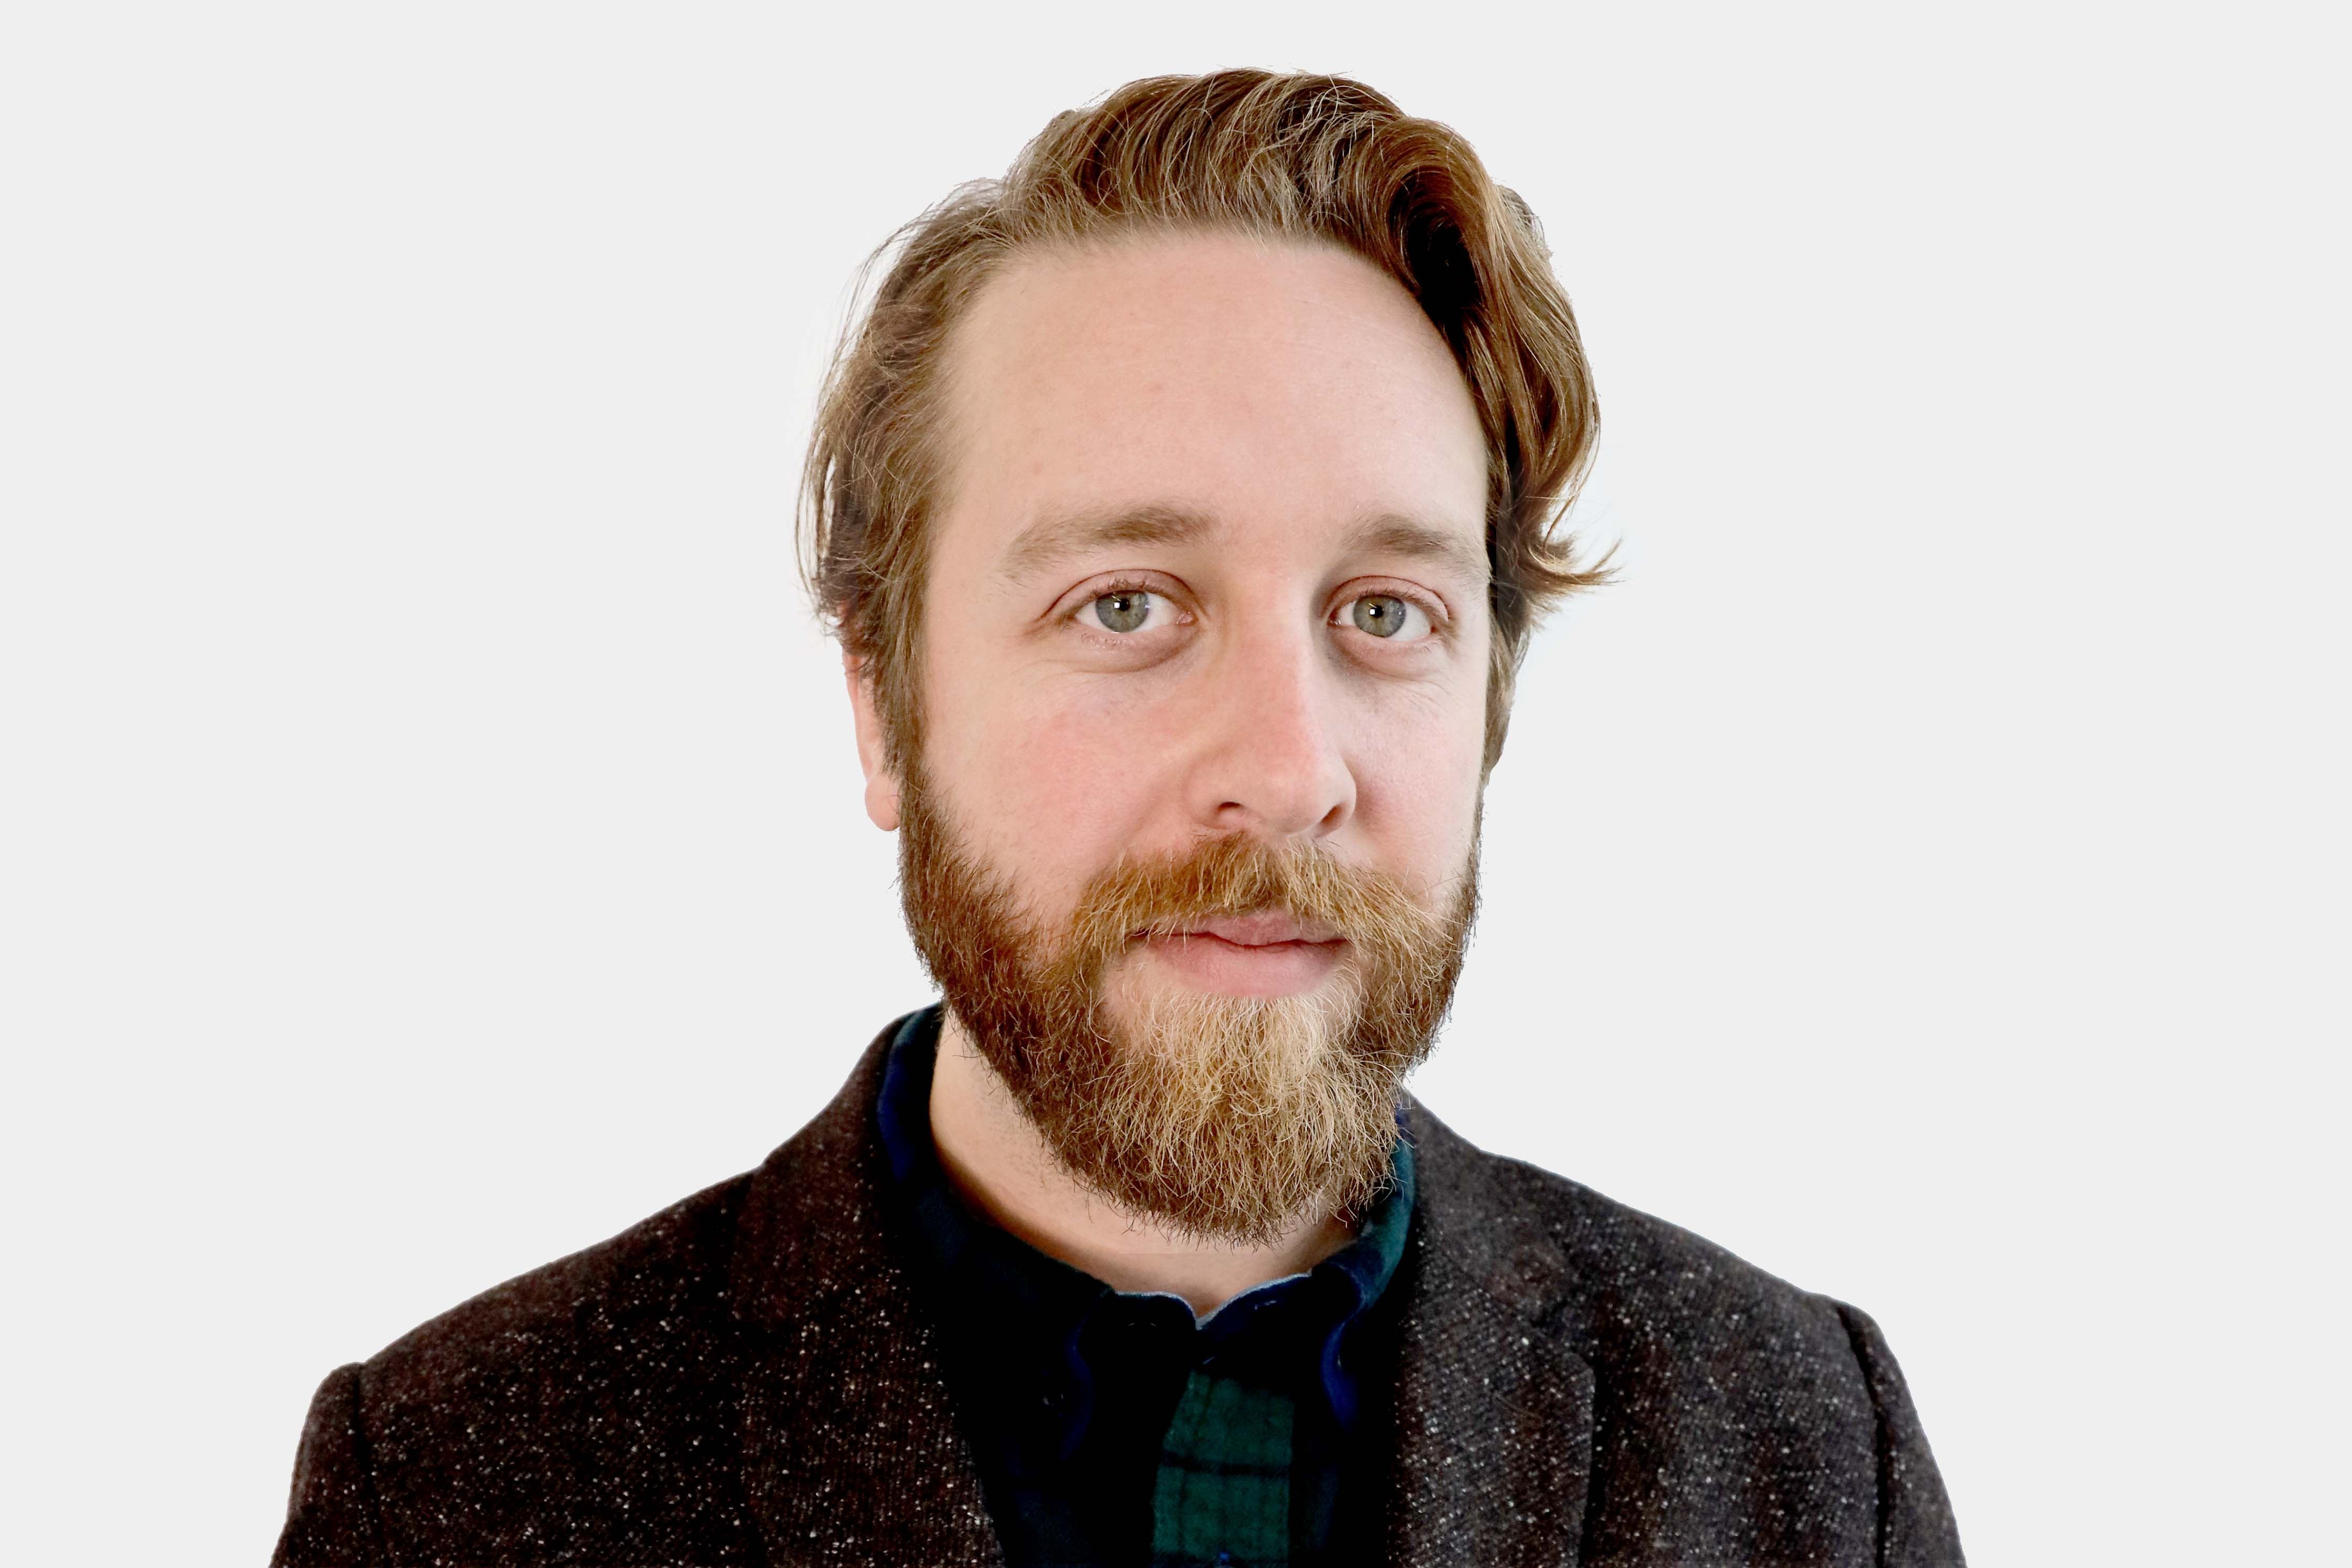 Matt Bubbers